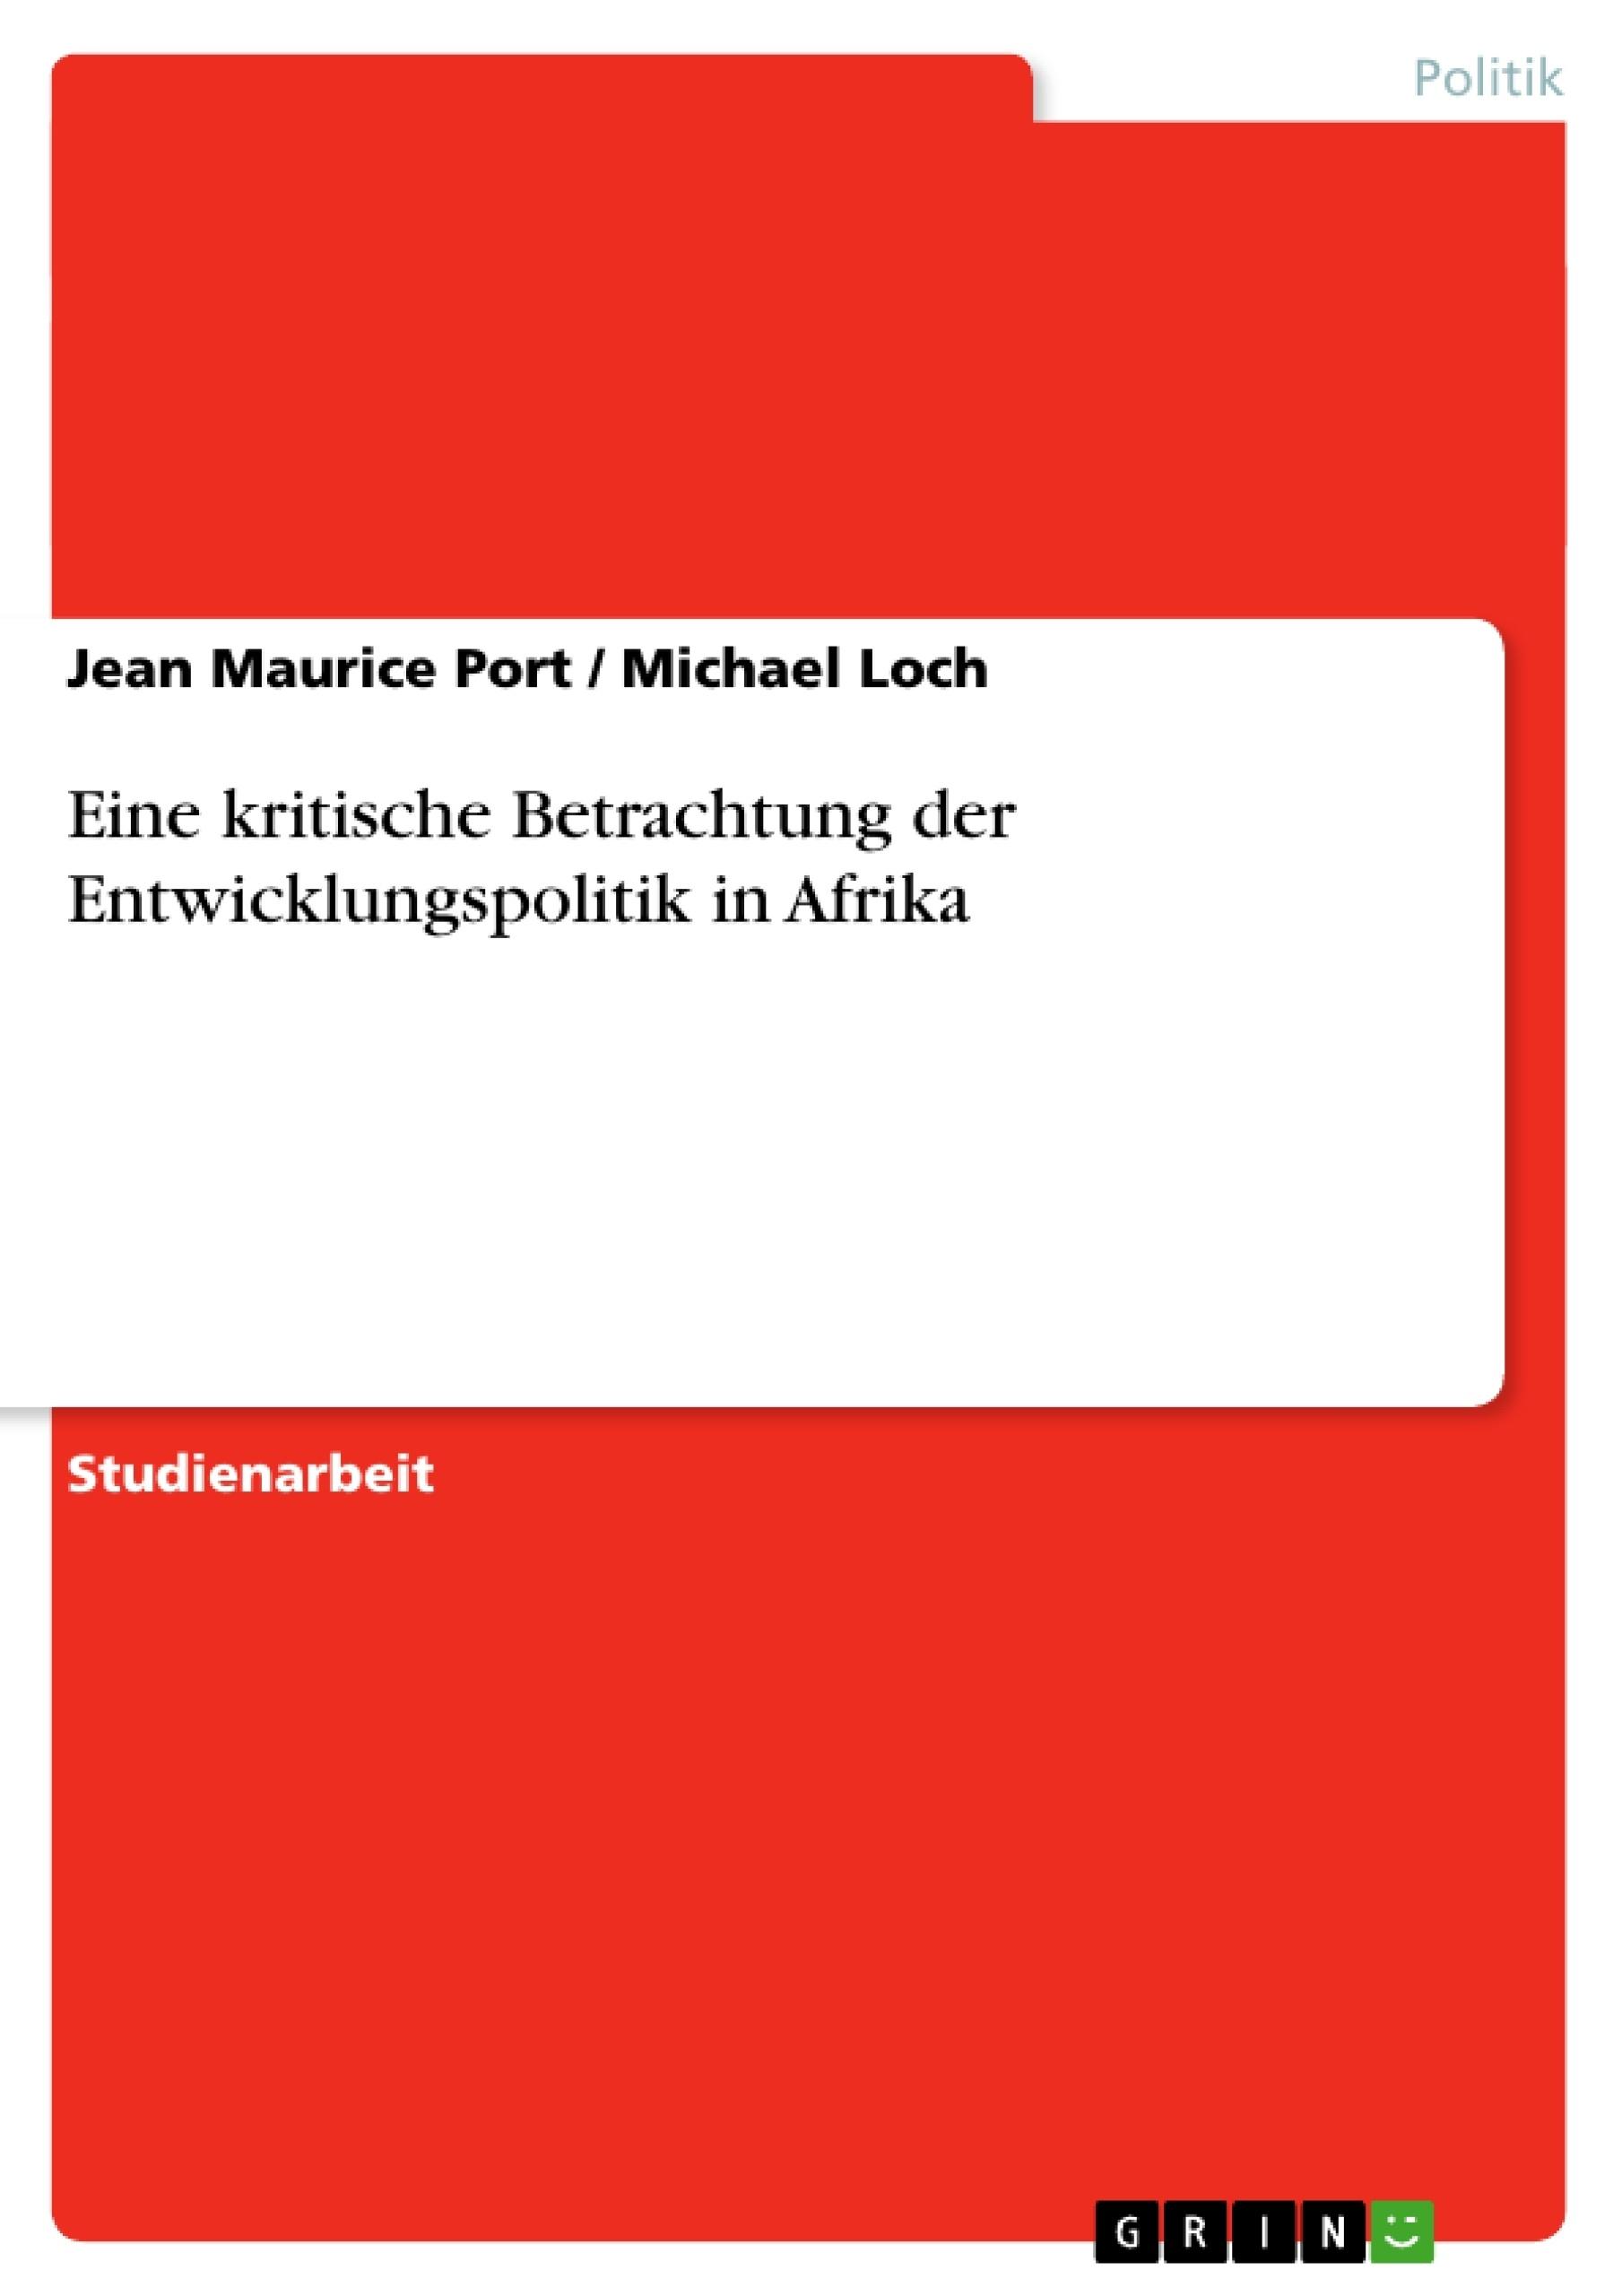 Titel: Eine kritische Betrachtung der Entwicklungspolitik in Afrika